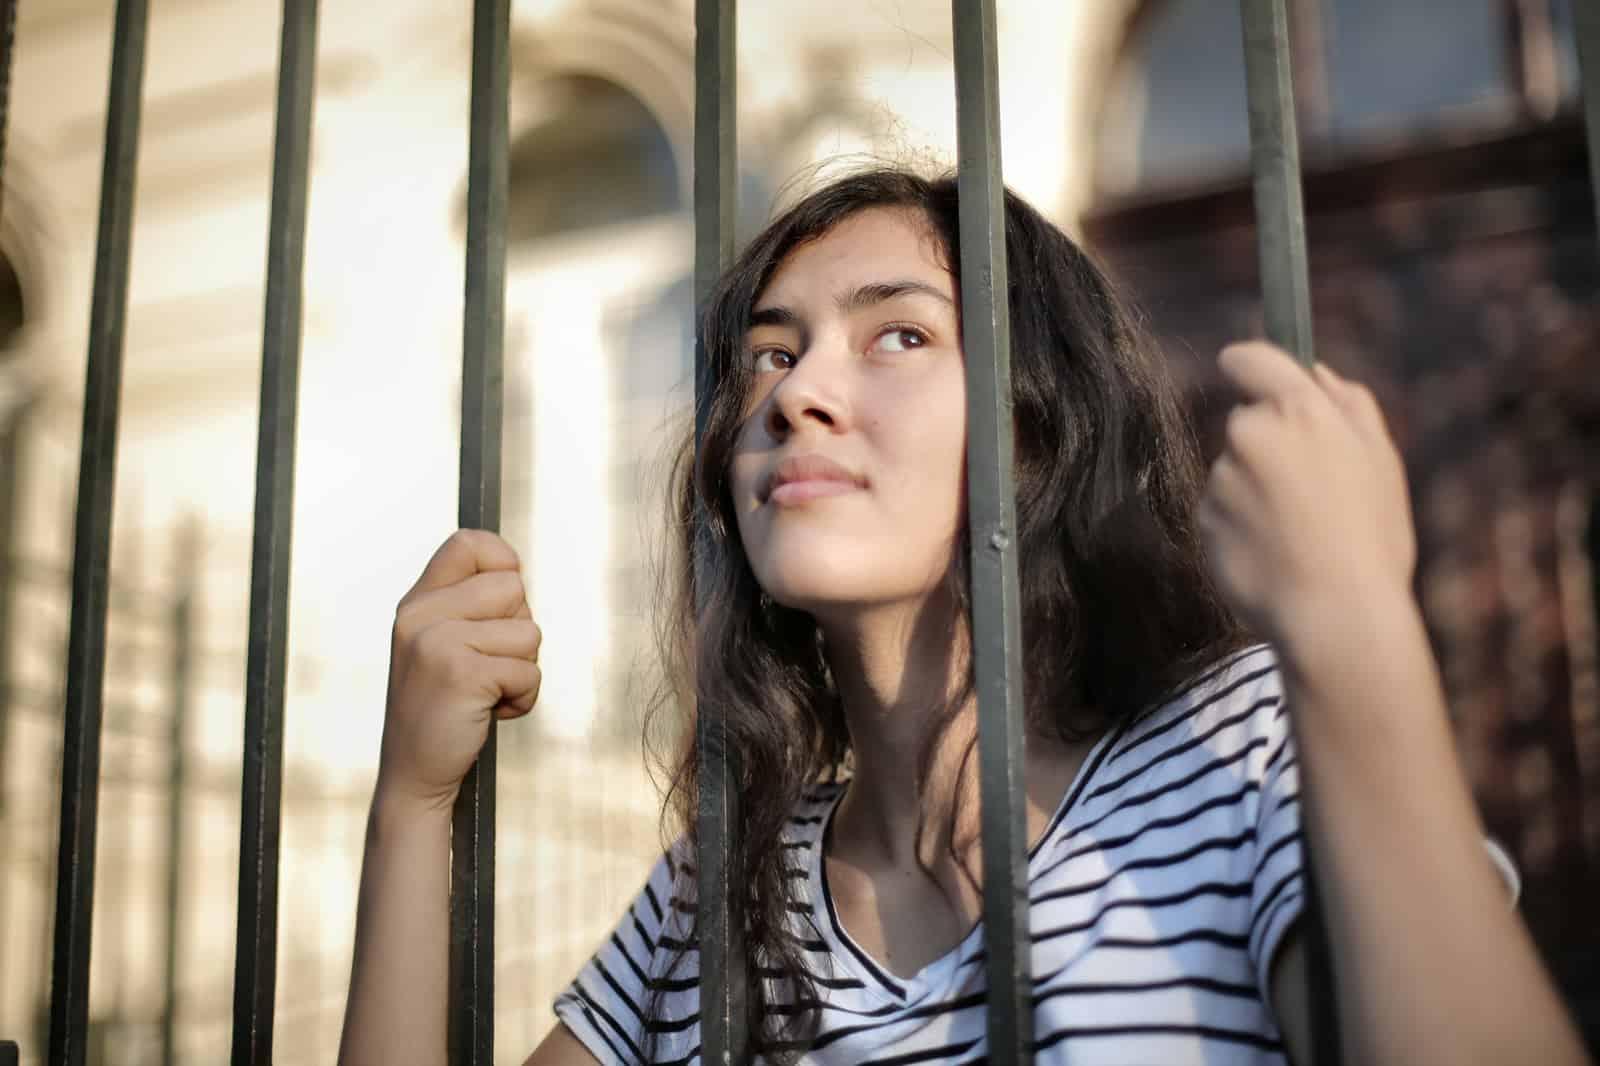 eine Frau, die wegschaut, während sie Kopf auf Zaun lehnt